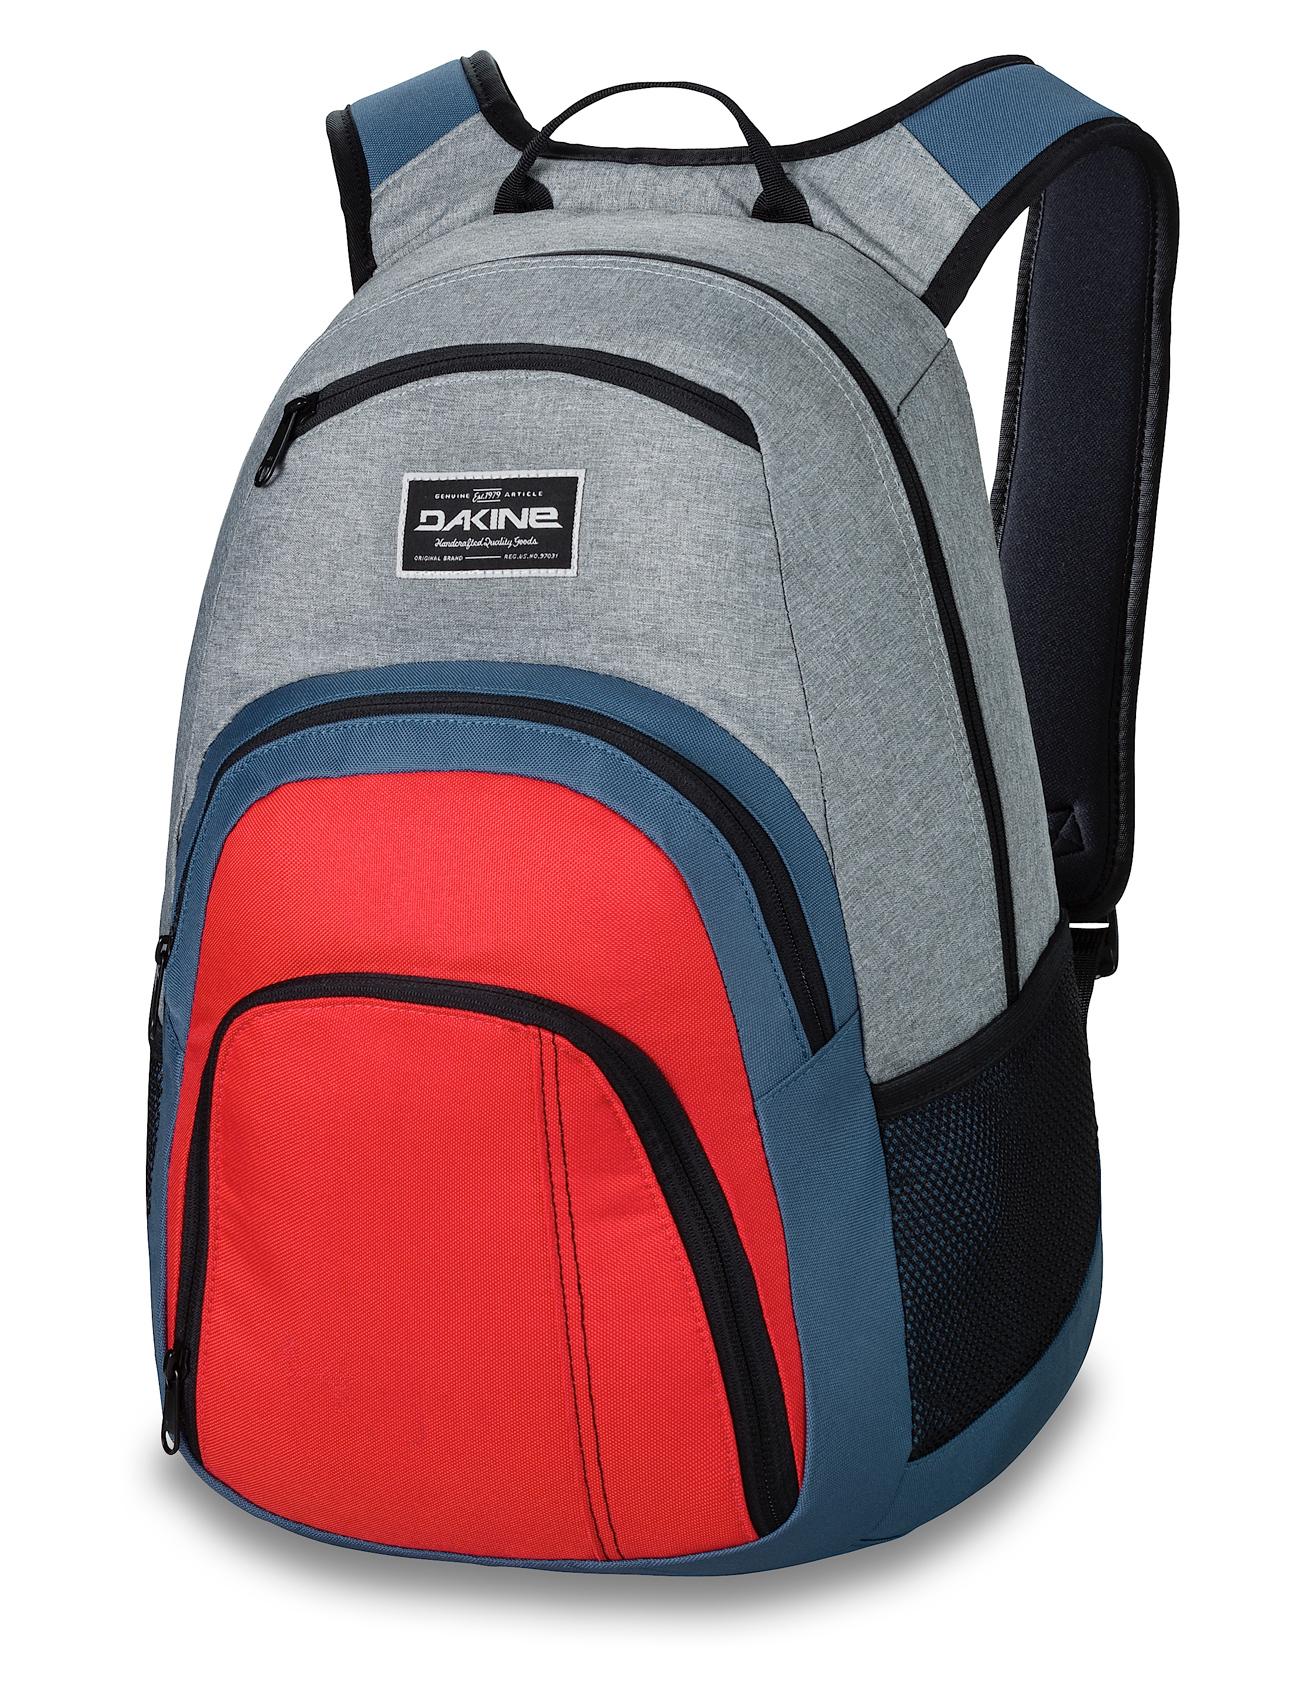 dakine backpack campus 25l rucksack bag laptop. Black Bedroom Furniture Sets. Home Design Ideas